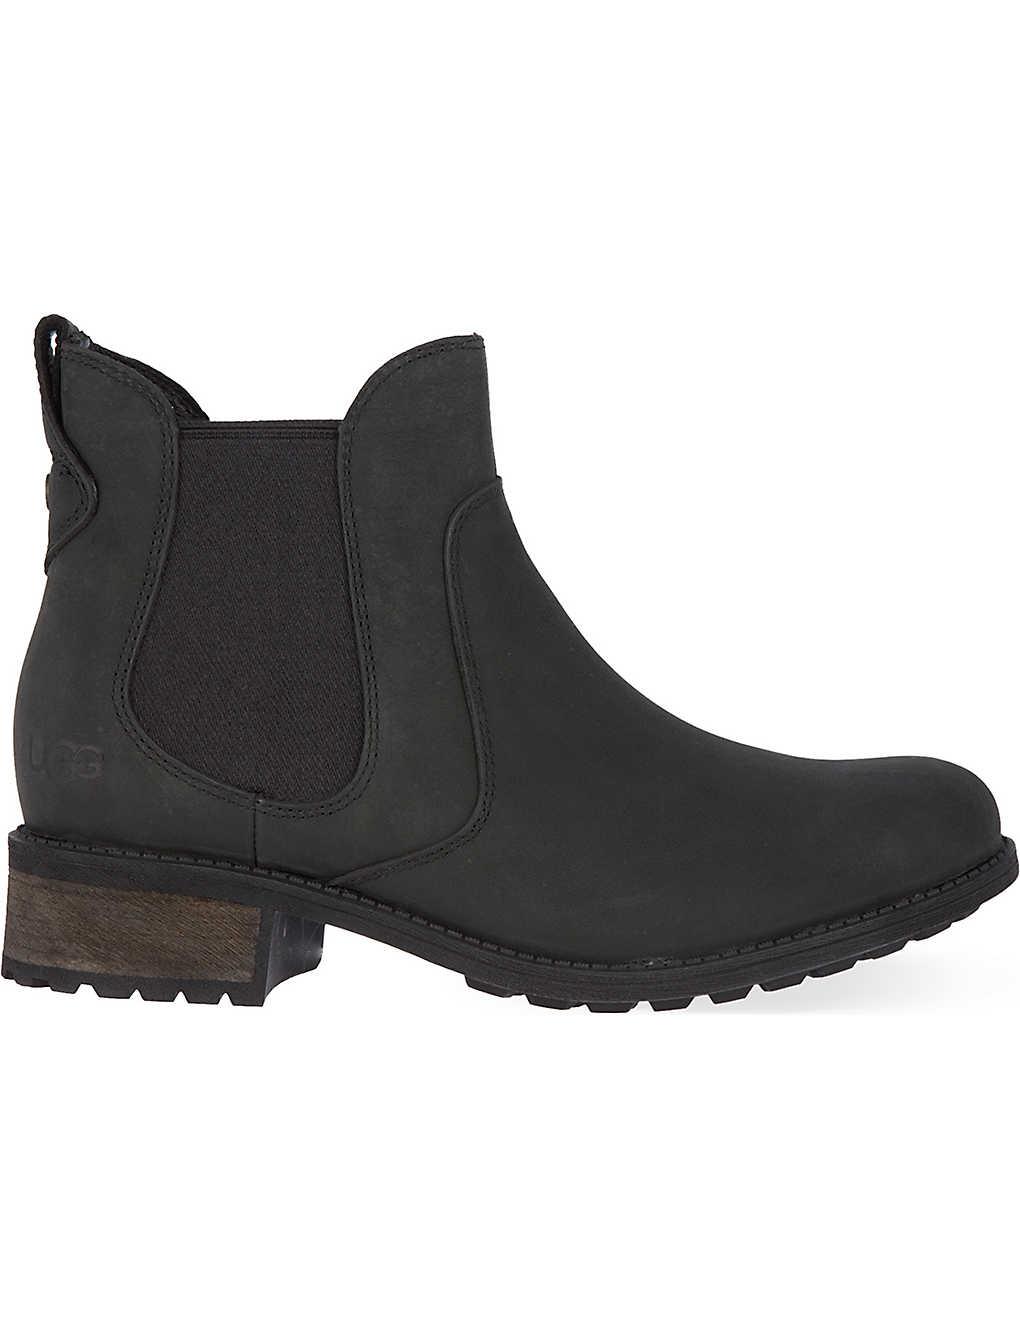 32a31f4a73b UGG - Bonham Chelsea boots   Selfridges.com